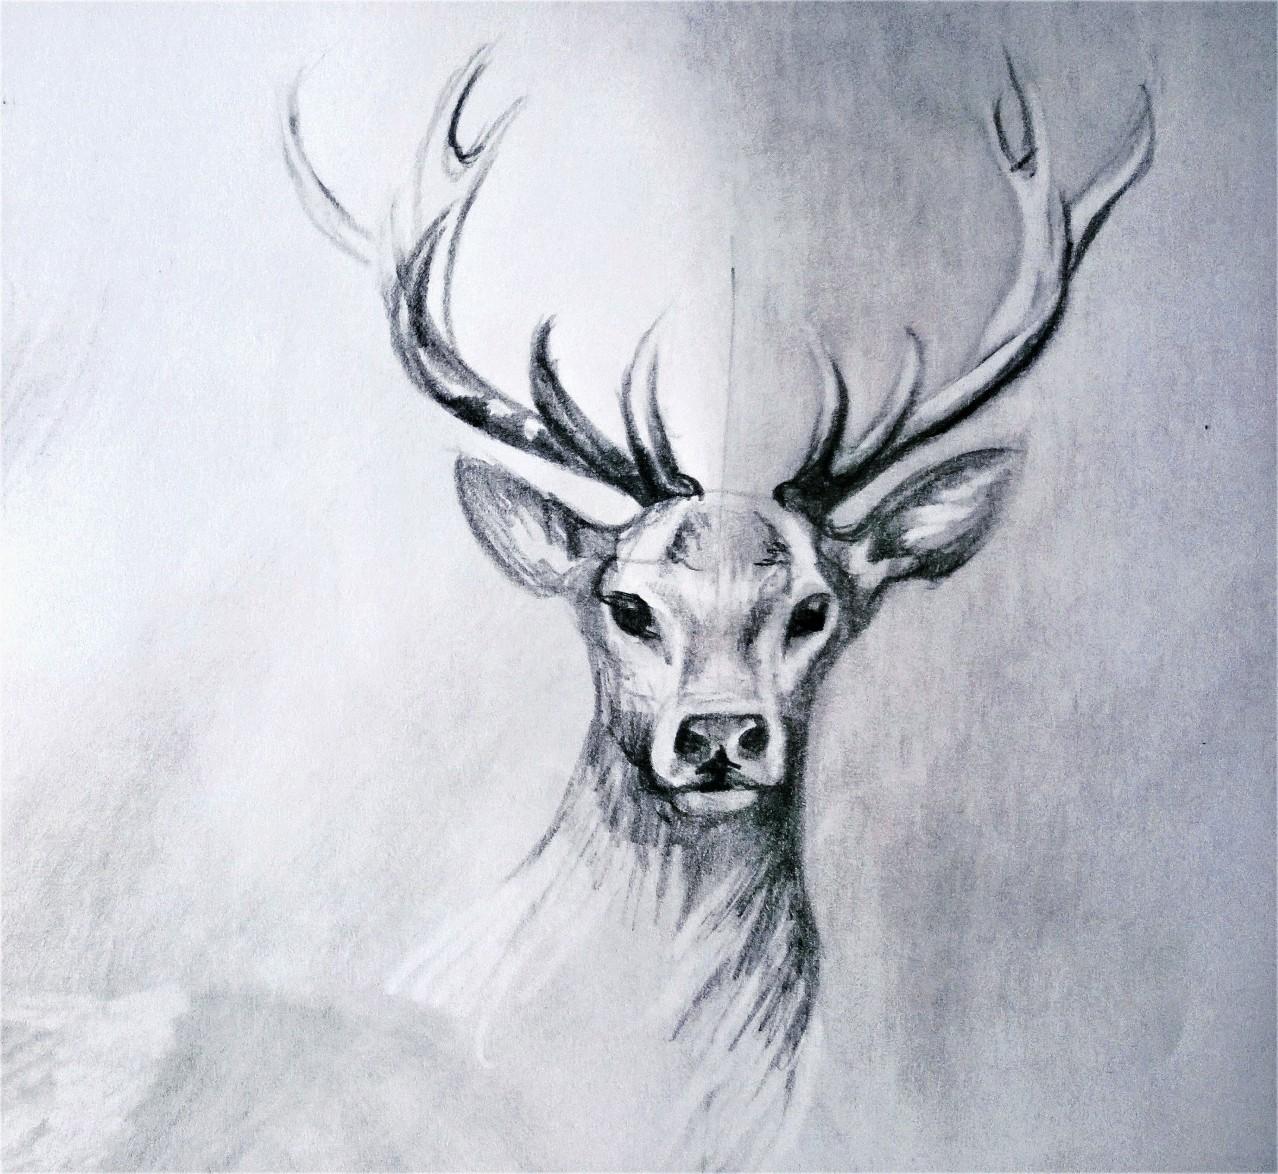 Drawn reindeer majestic 2 deer Lijn  on